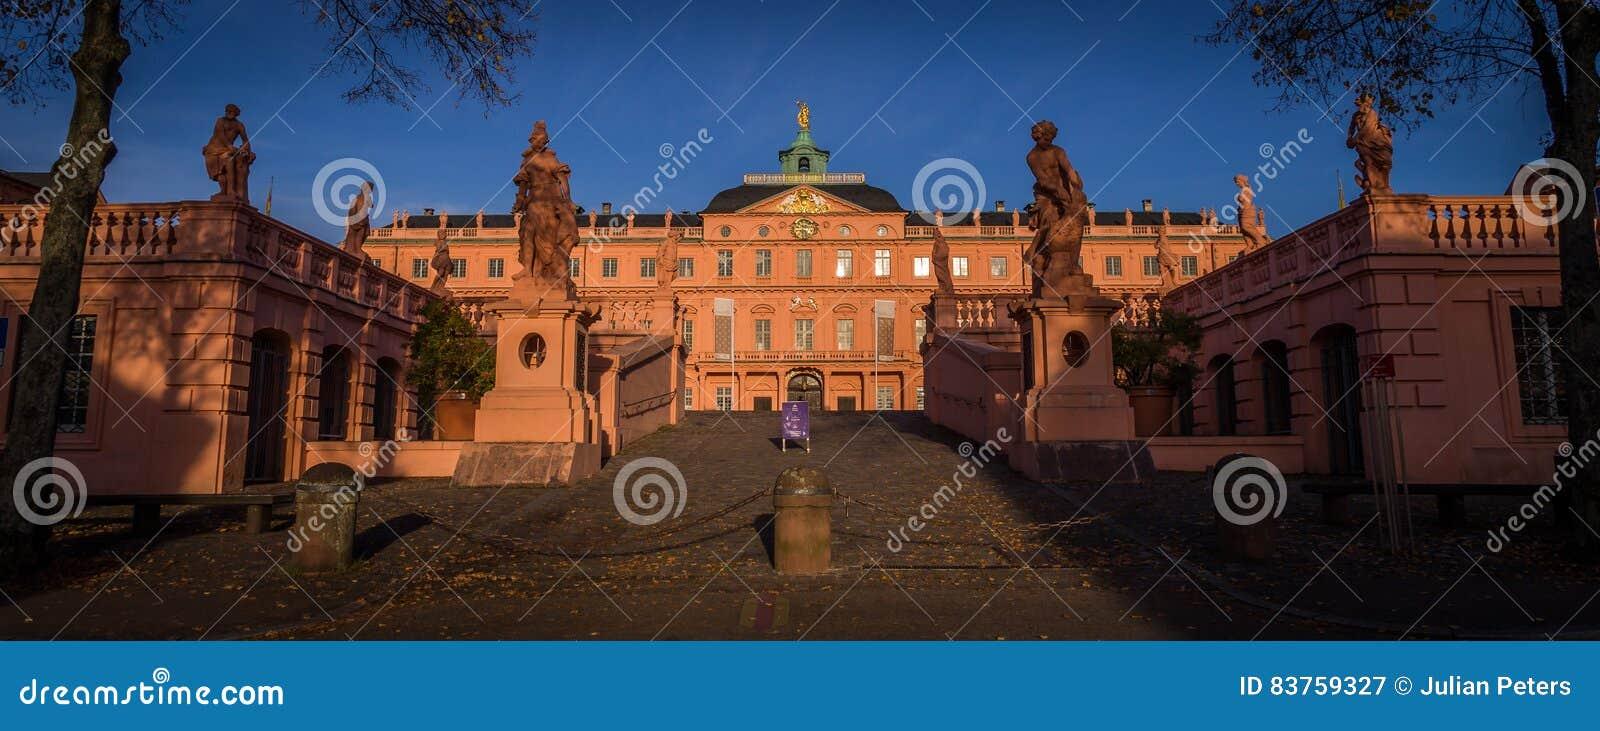 Rastatt Schloss, Baden, Alemanha